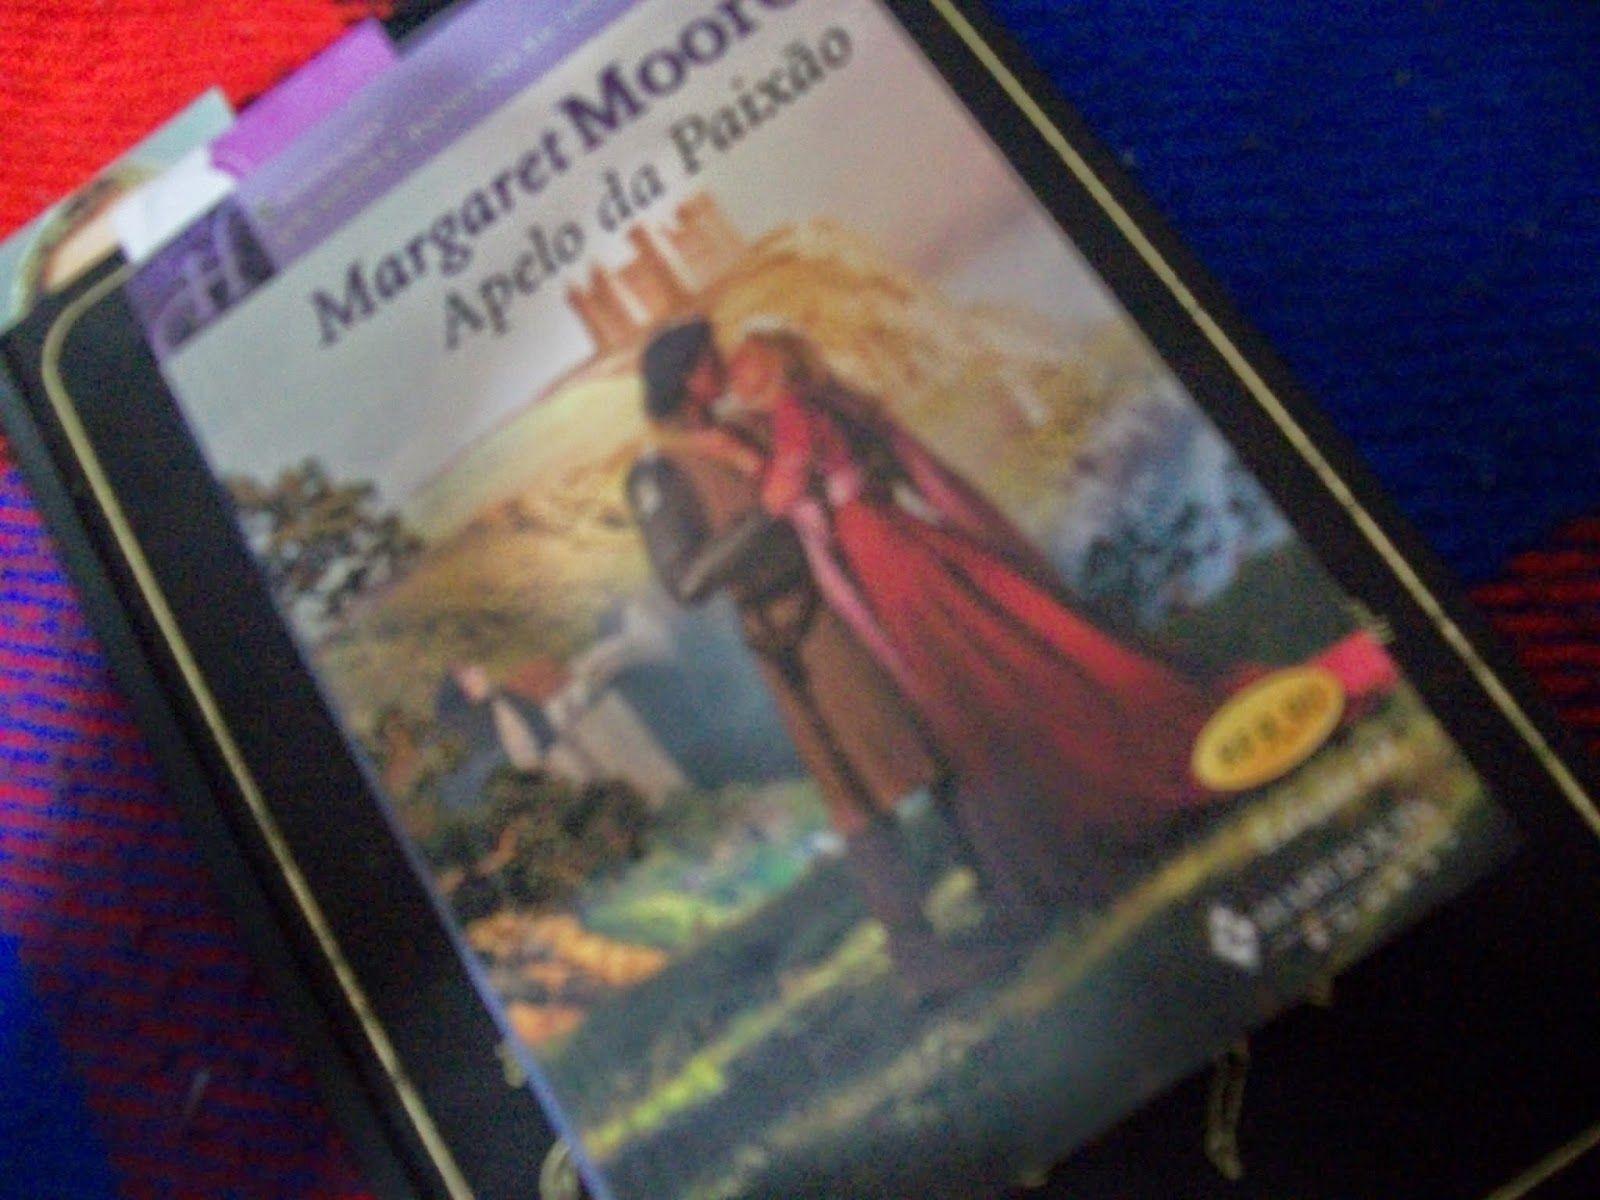 Canto da =)Domino(=: Livro: Apelo da Paixão - Margaret Moore